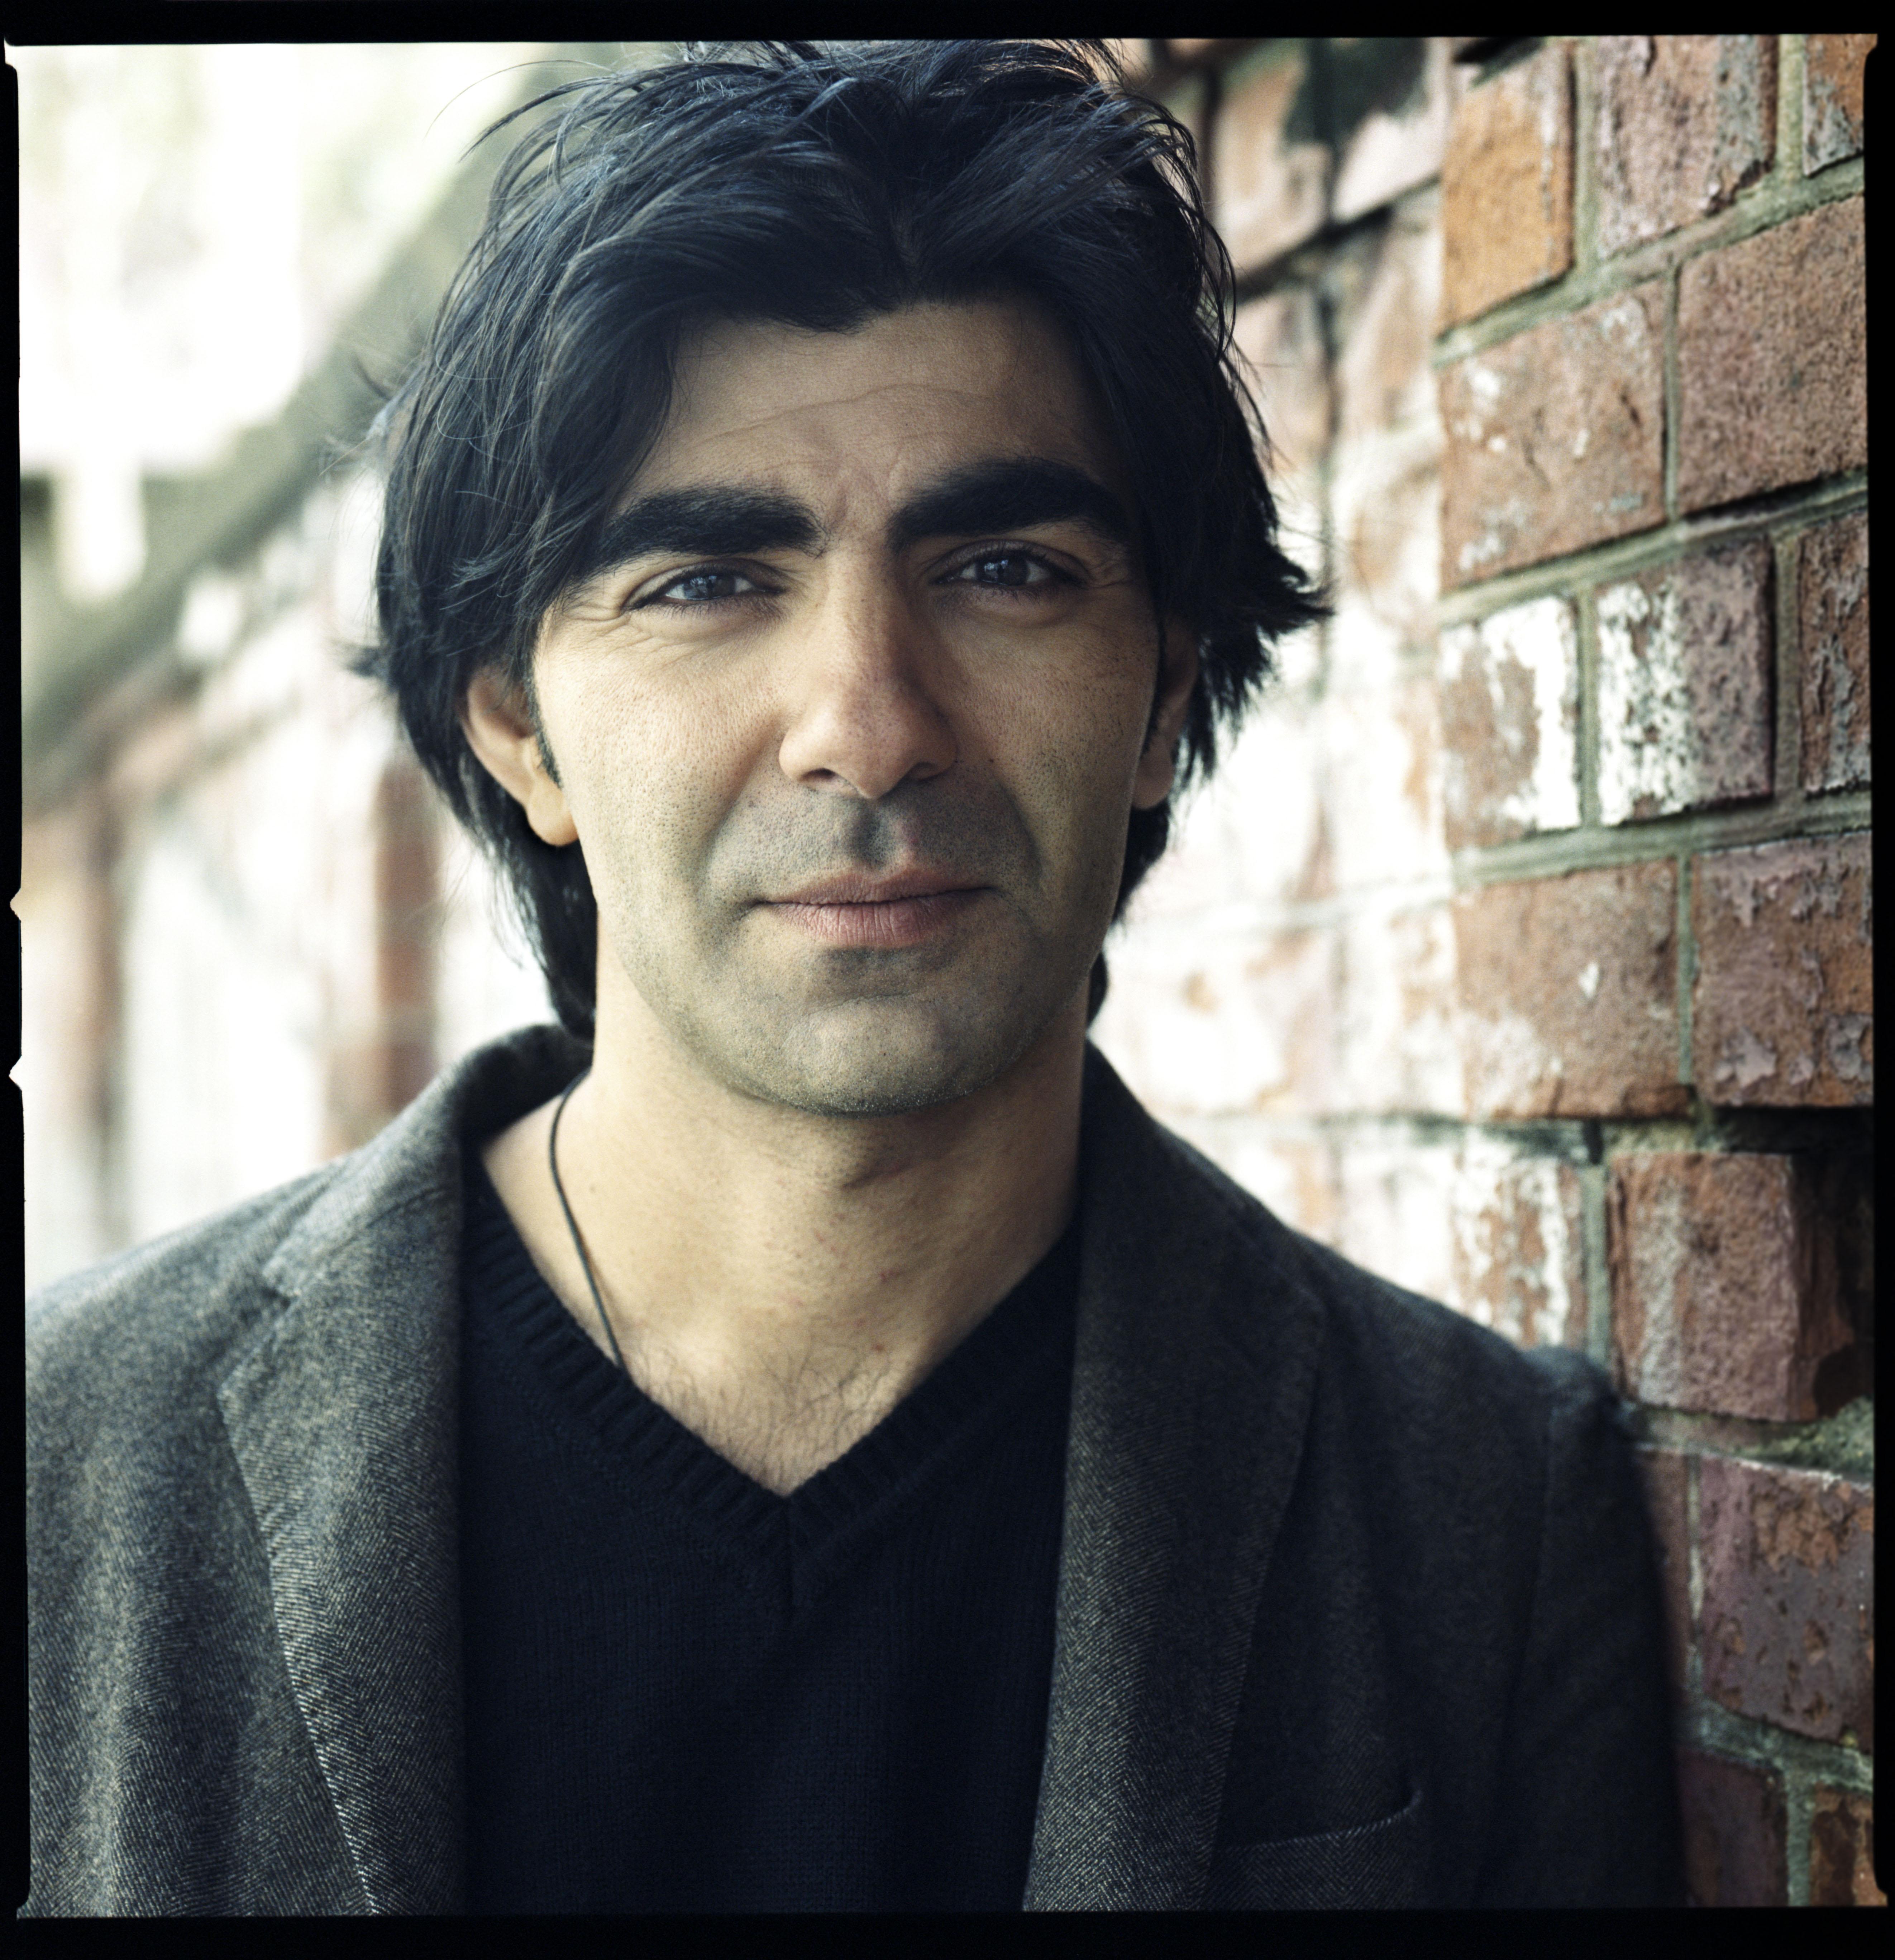 Fatih Akin in The Cut (2014)